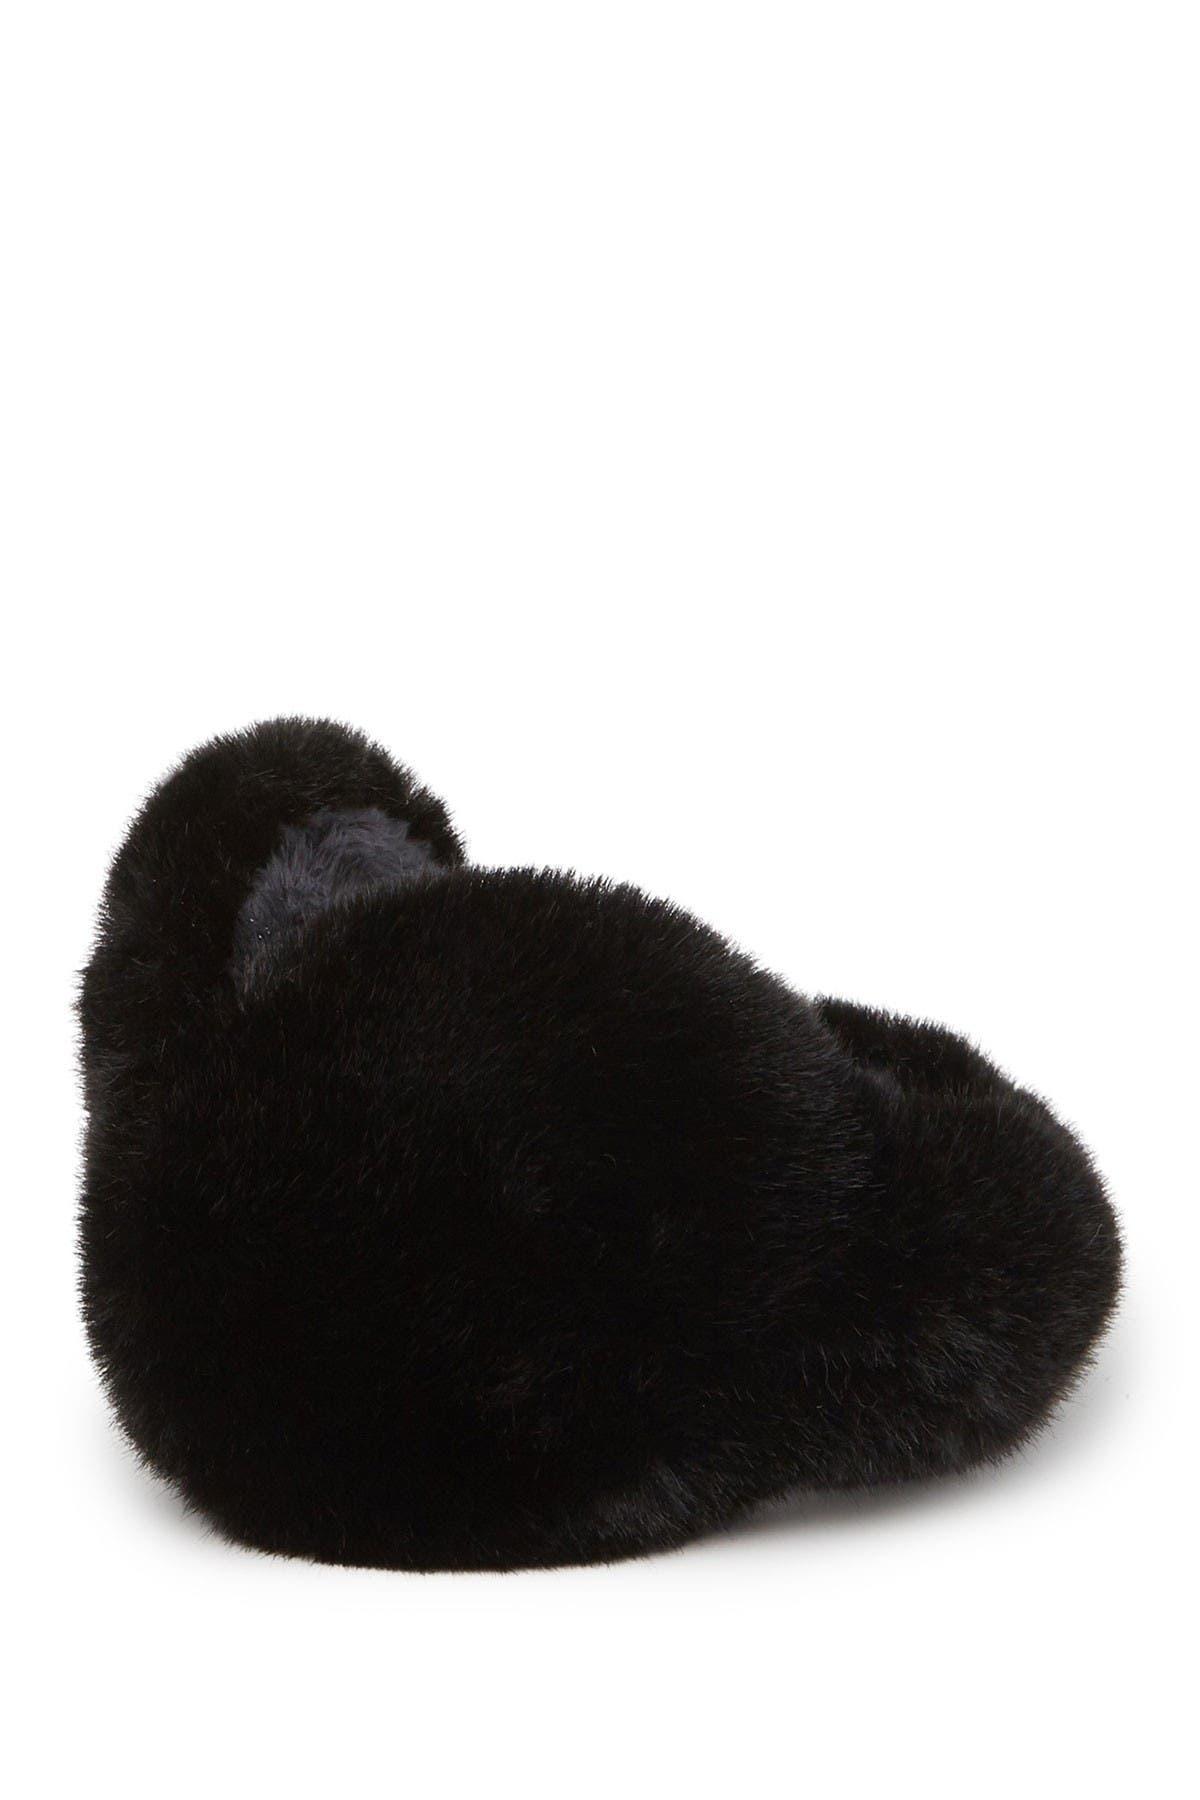 Image of 180s Felicity Faux Fur Ear Warmers